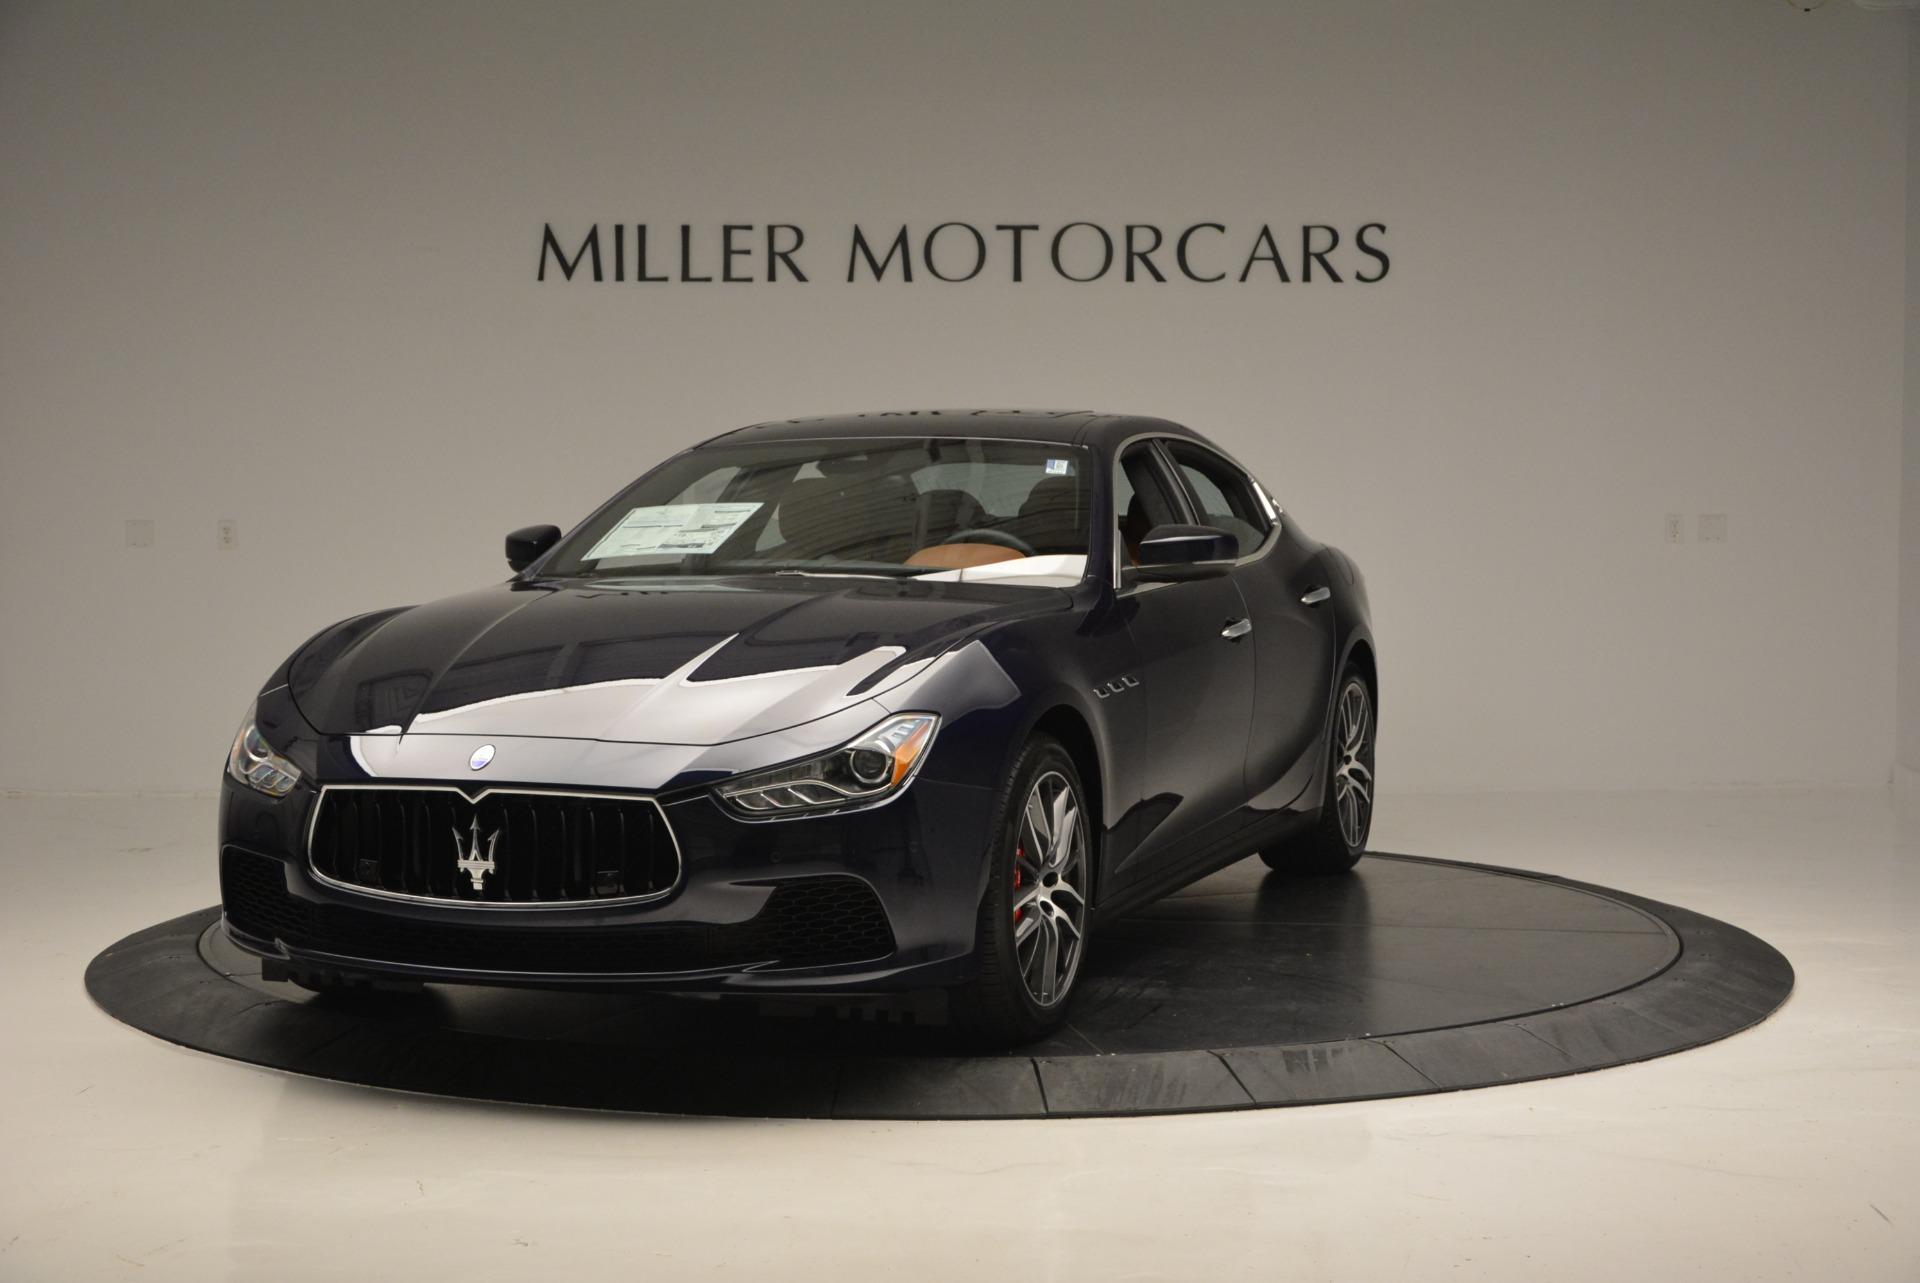 Used 2017 Maserati Ghibli S Q4 for sale $44,900 at Maserati of Westport in Westport CT 06880 1